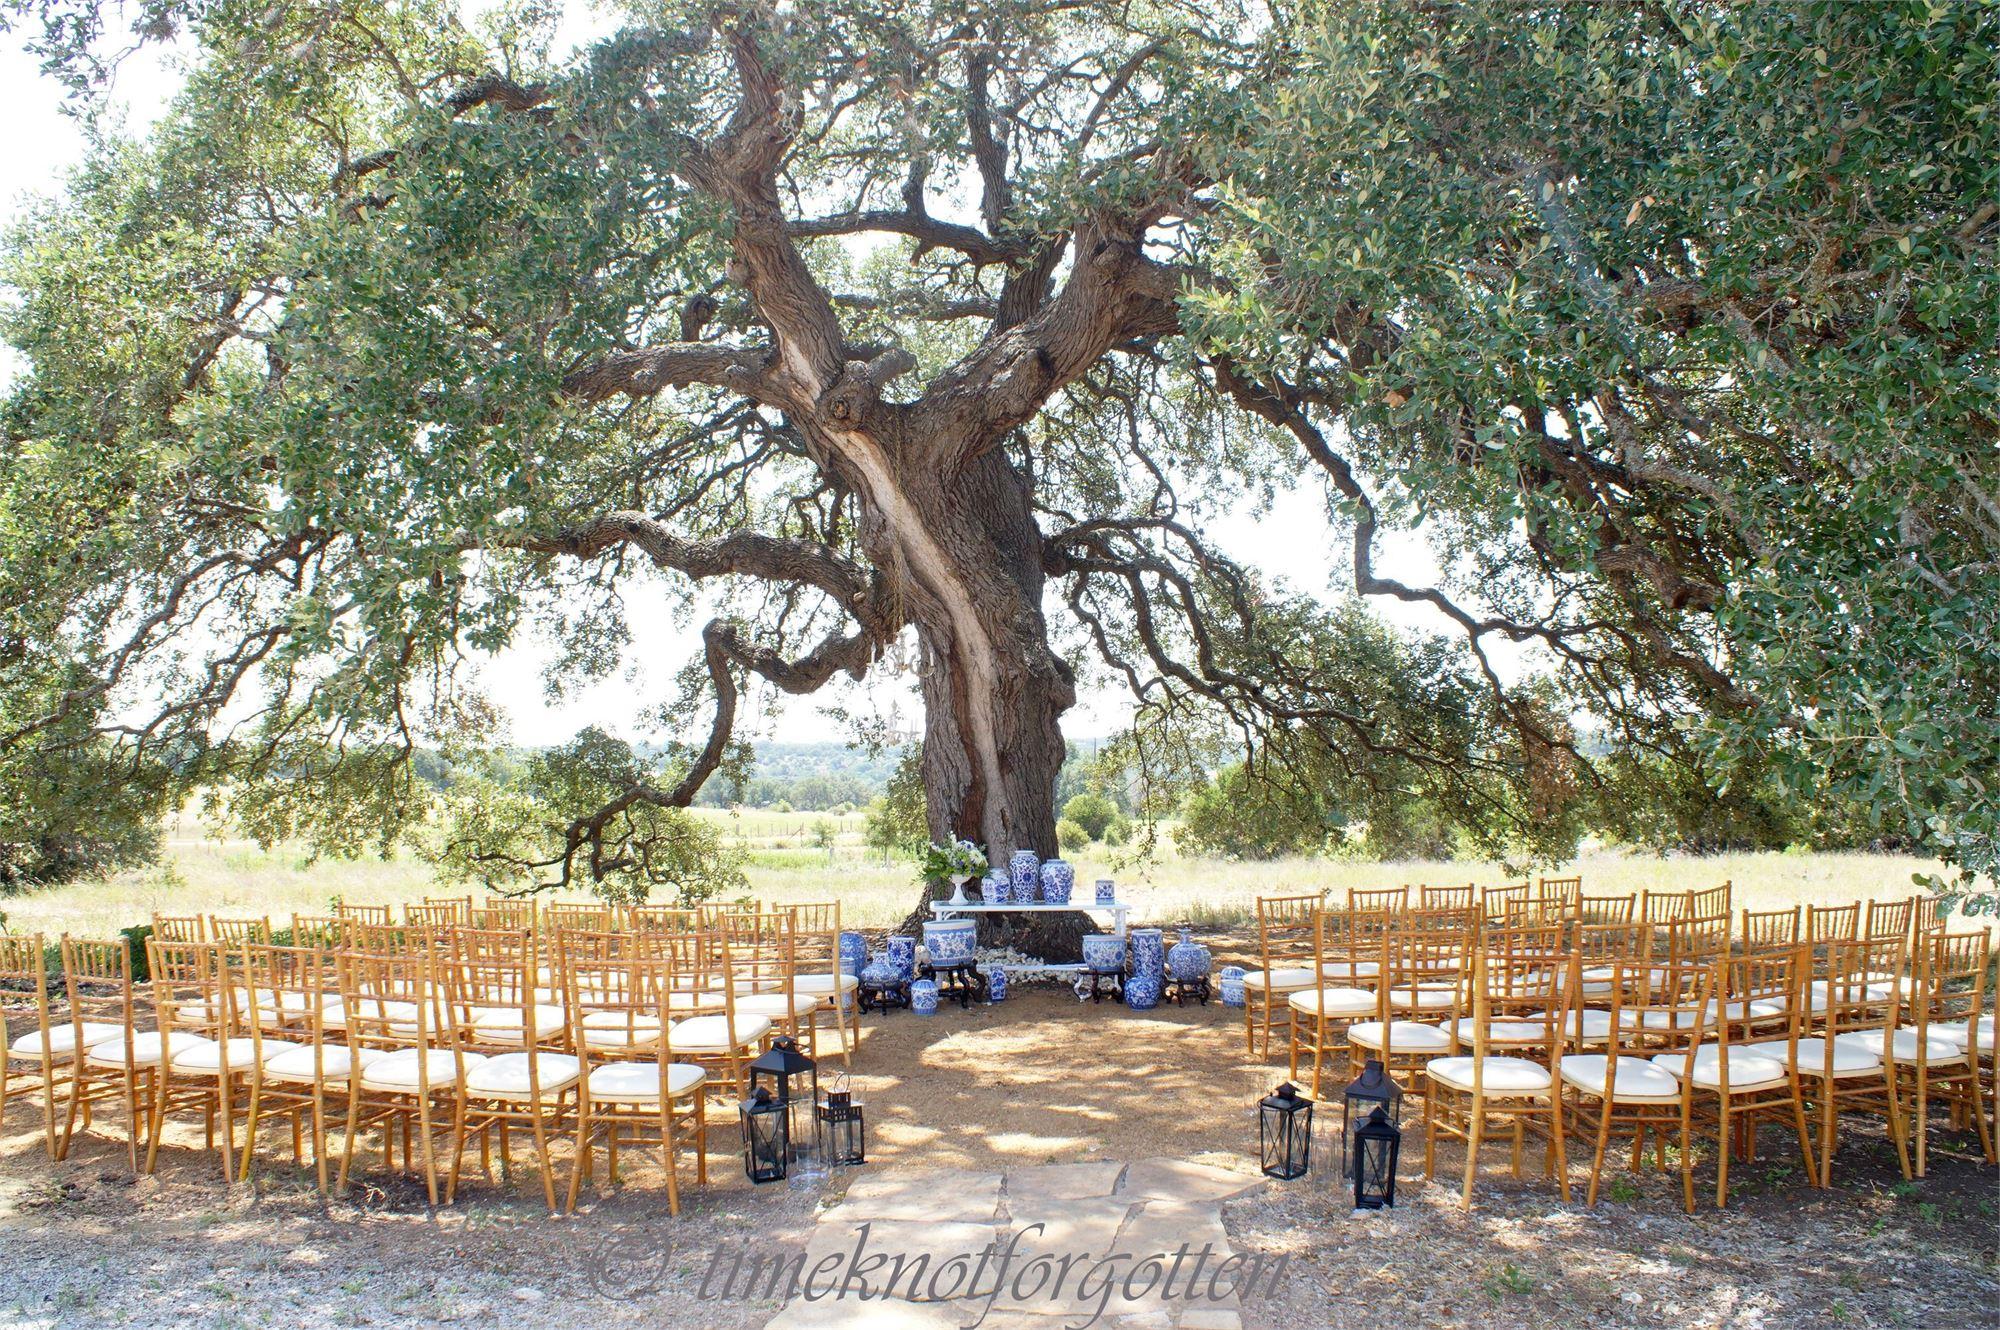 A wedding ceremony set up beneath an oak tree